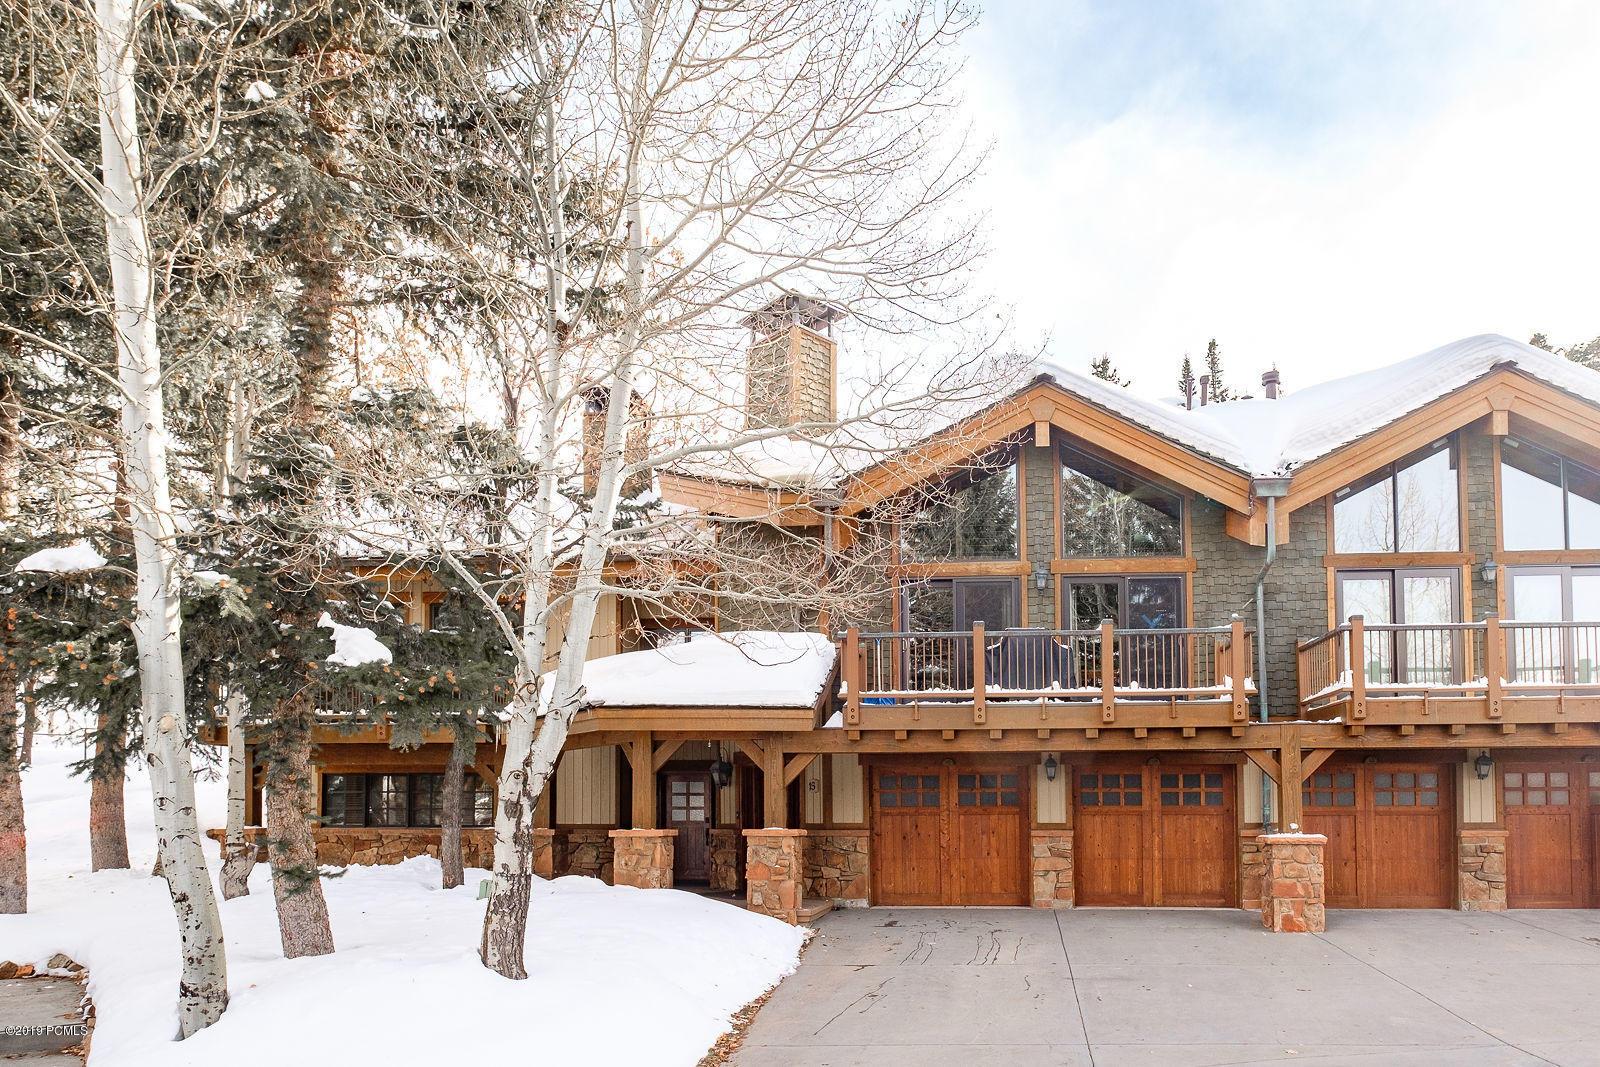 7210 Little Belle Court, Park City, Utah 84060, 6 Bedrooms Bedrooms, ,5 BathroomsBathrooms,Condominium,For Sale,Little Belle,20190109112430415765000000